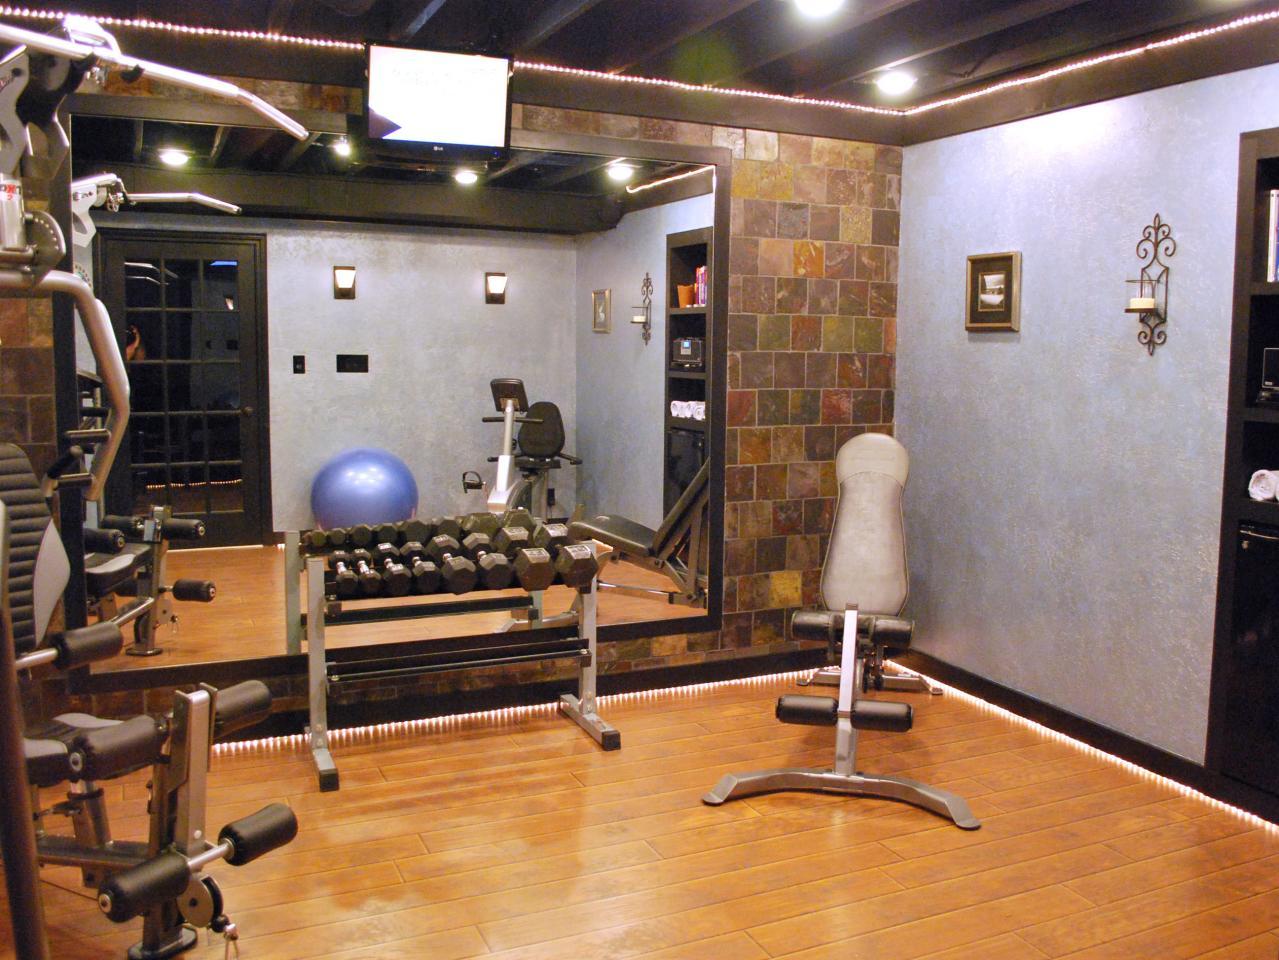 RMS_Aldridge4-serene-calm-gym_s4x3.jpg.rend.hgtvcom.1280.960.jpg